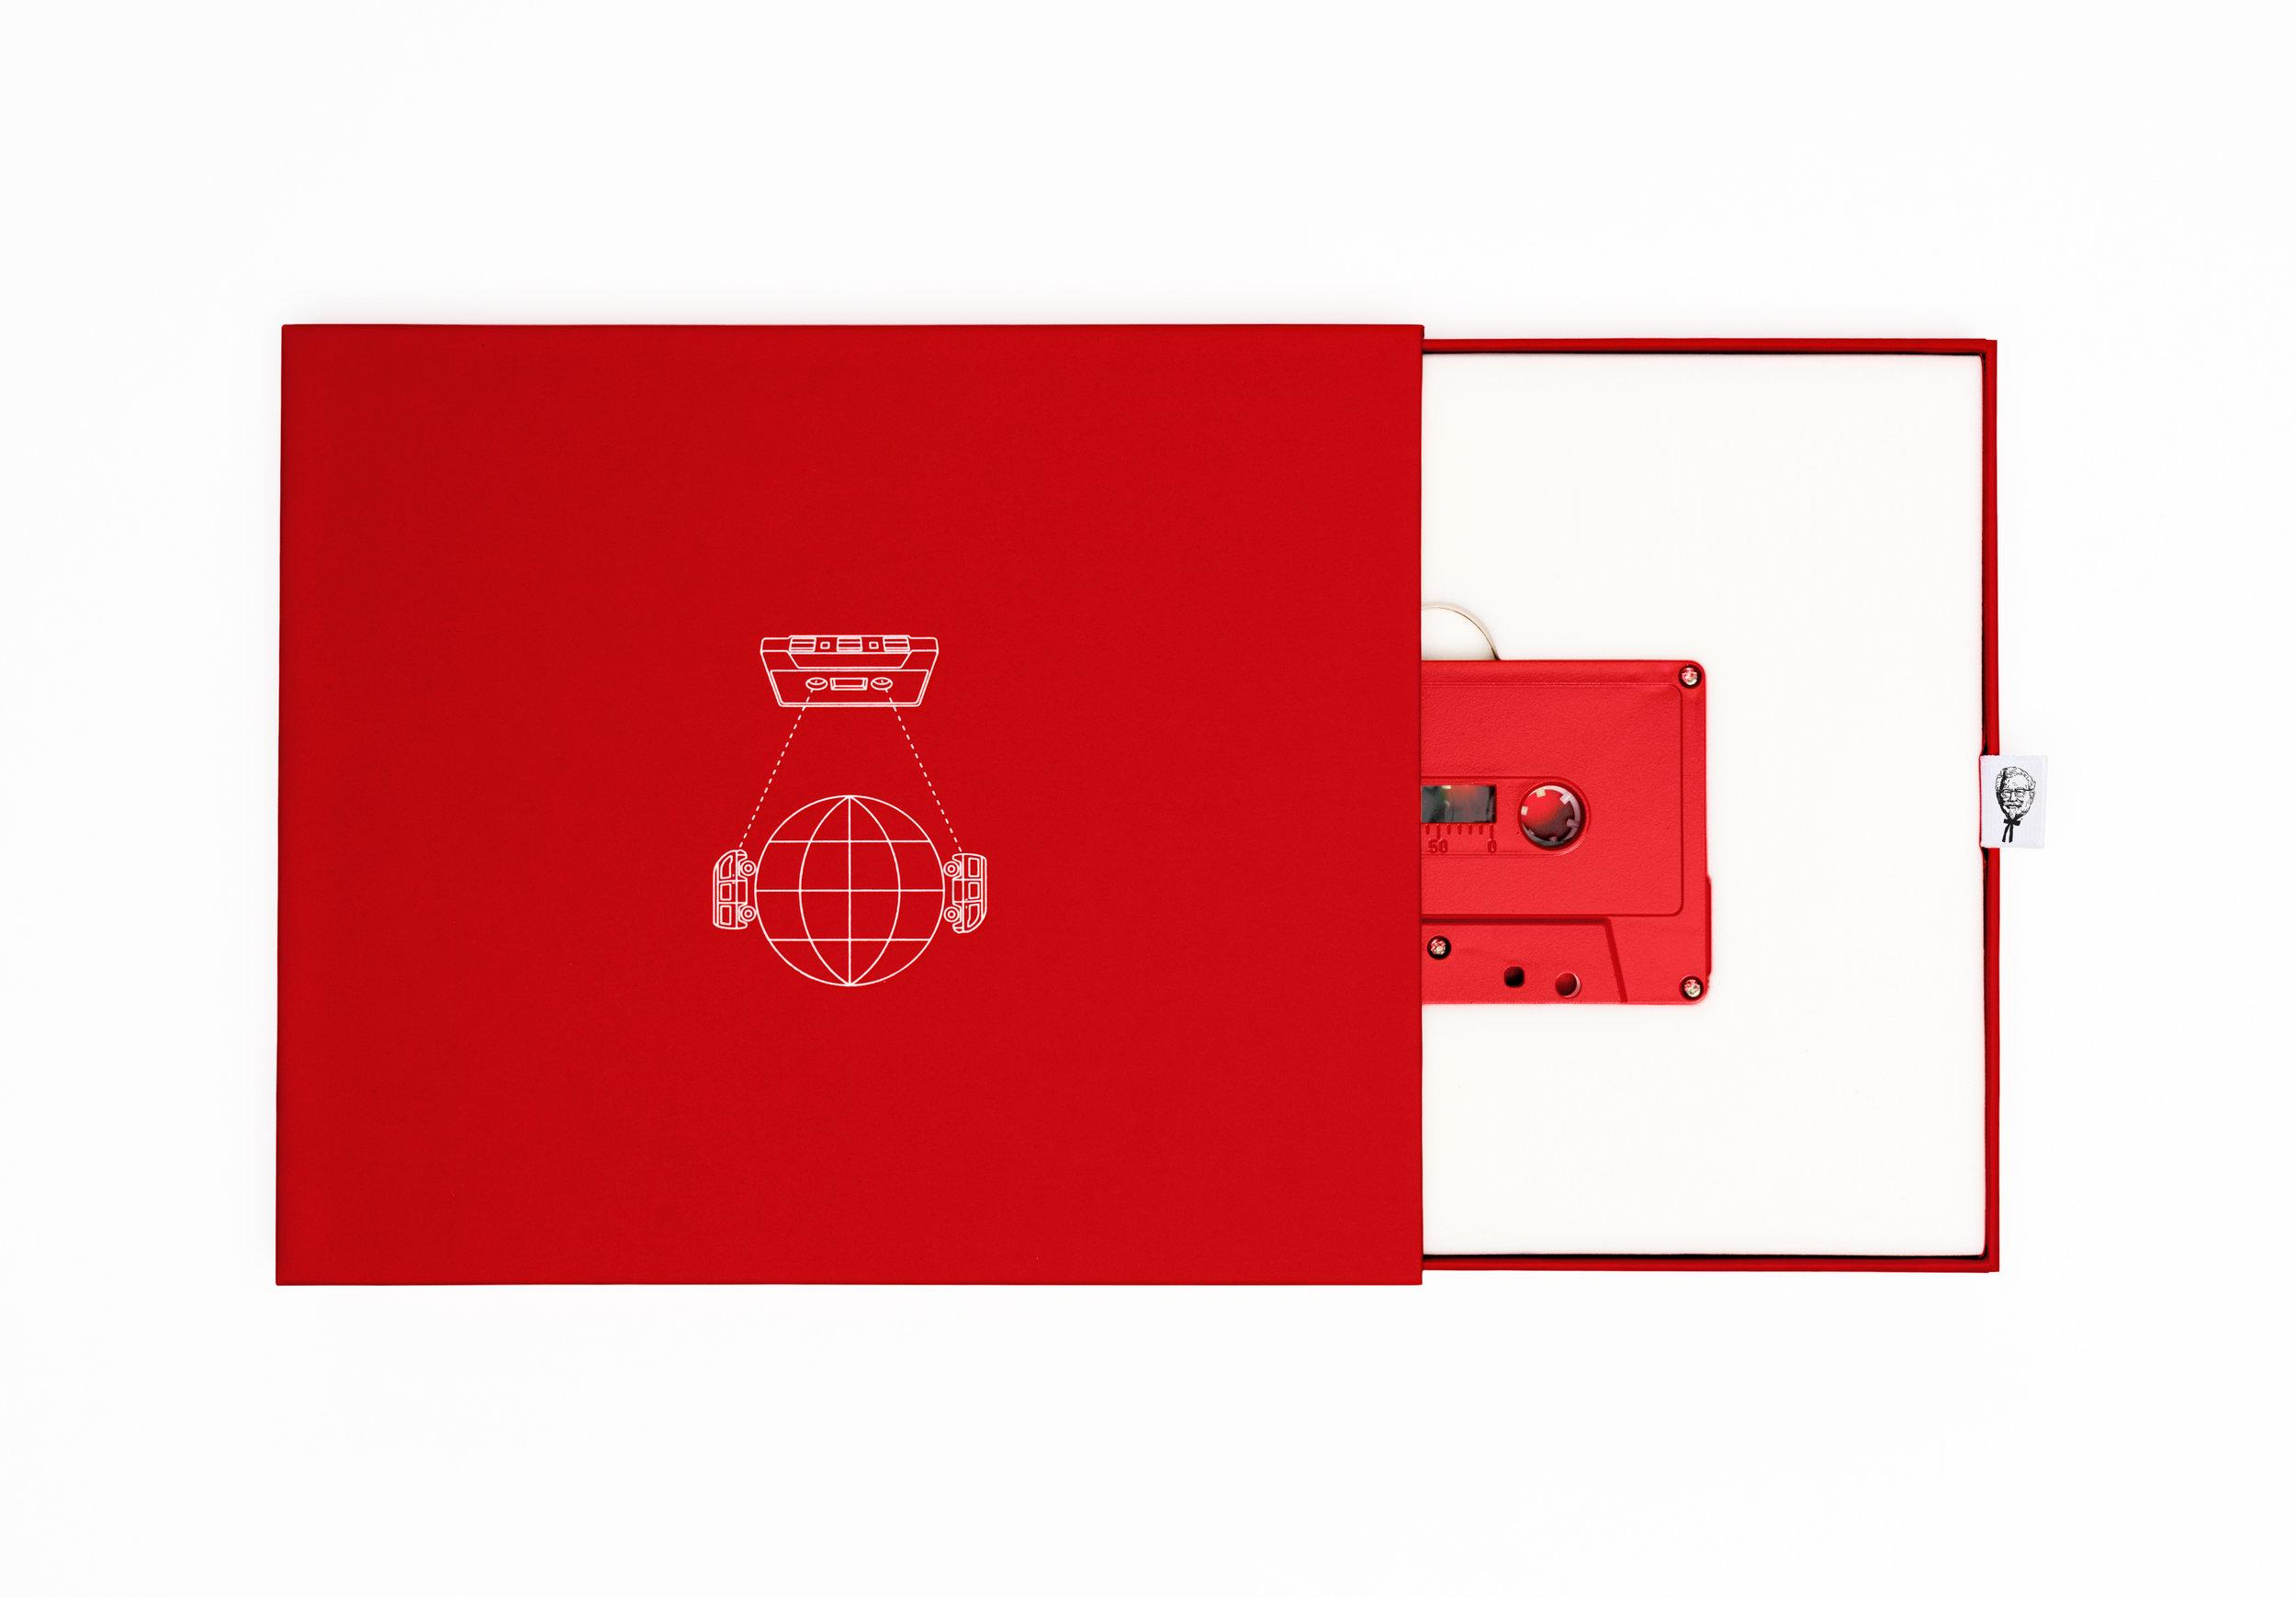 090717_KFC_Cassette40996.jpg